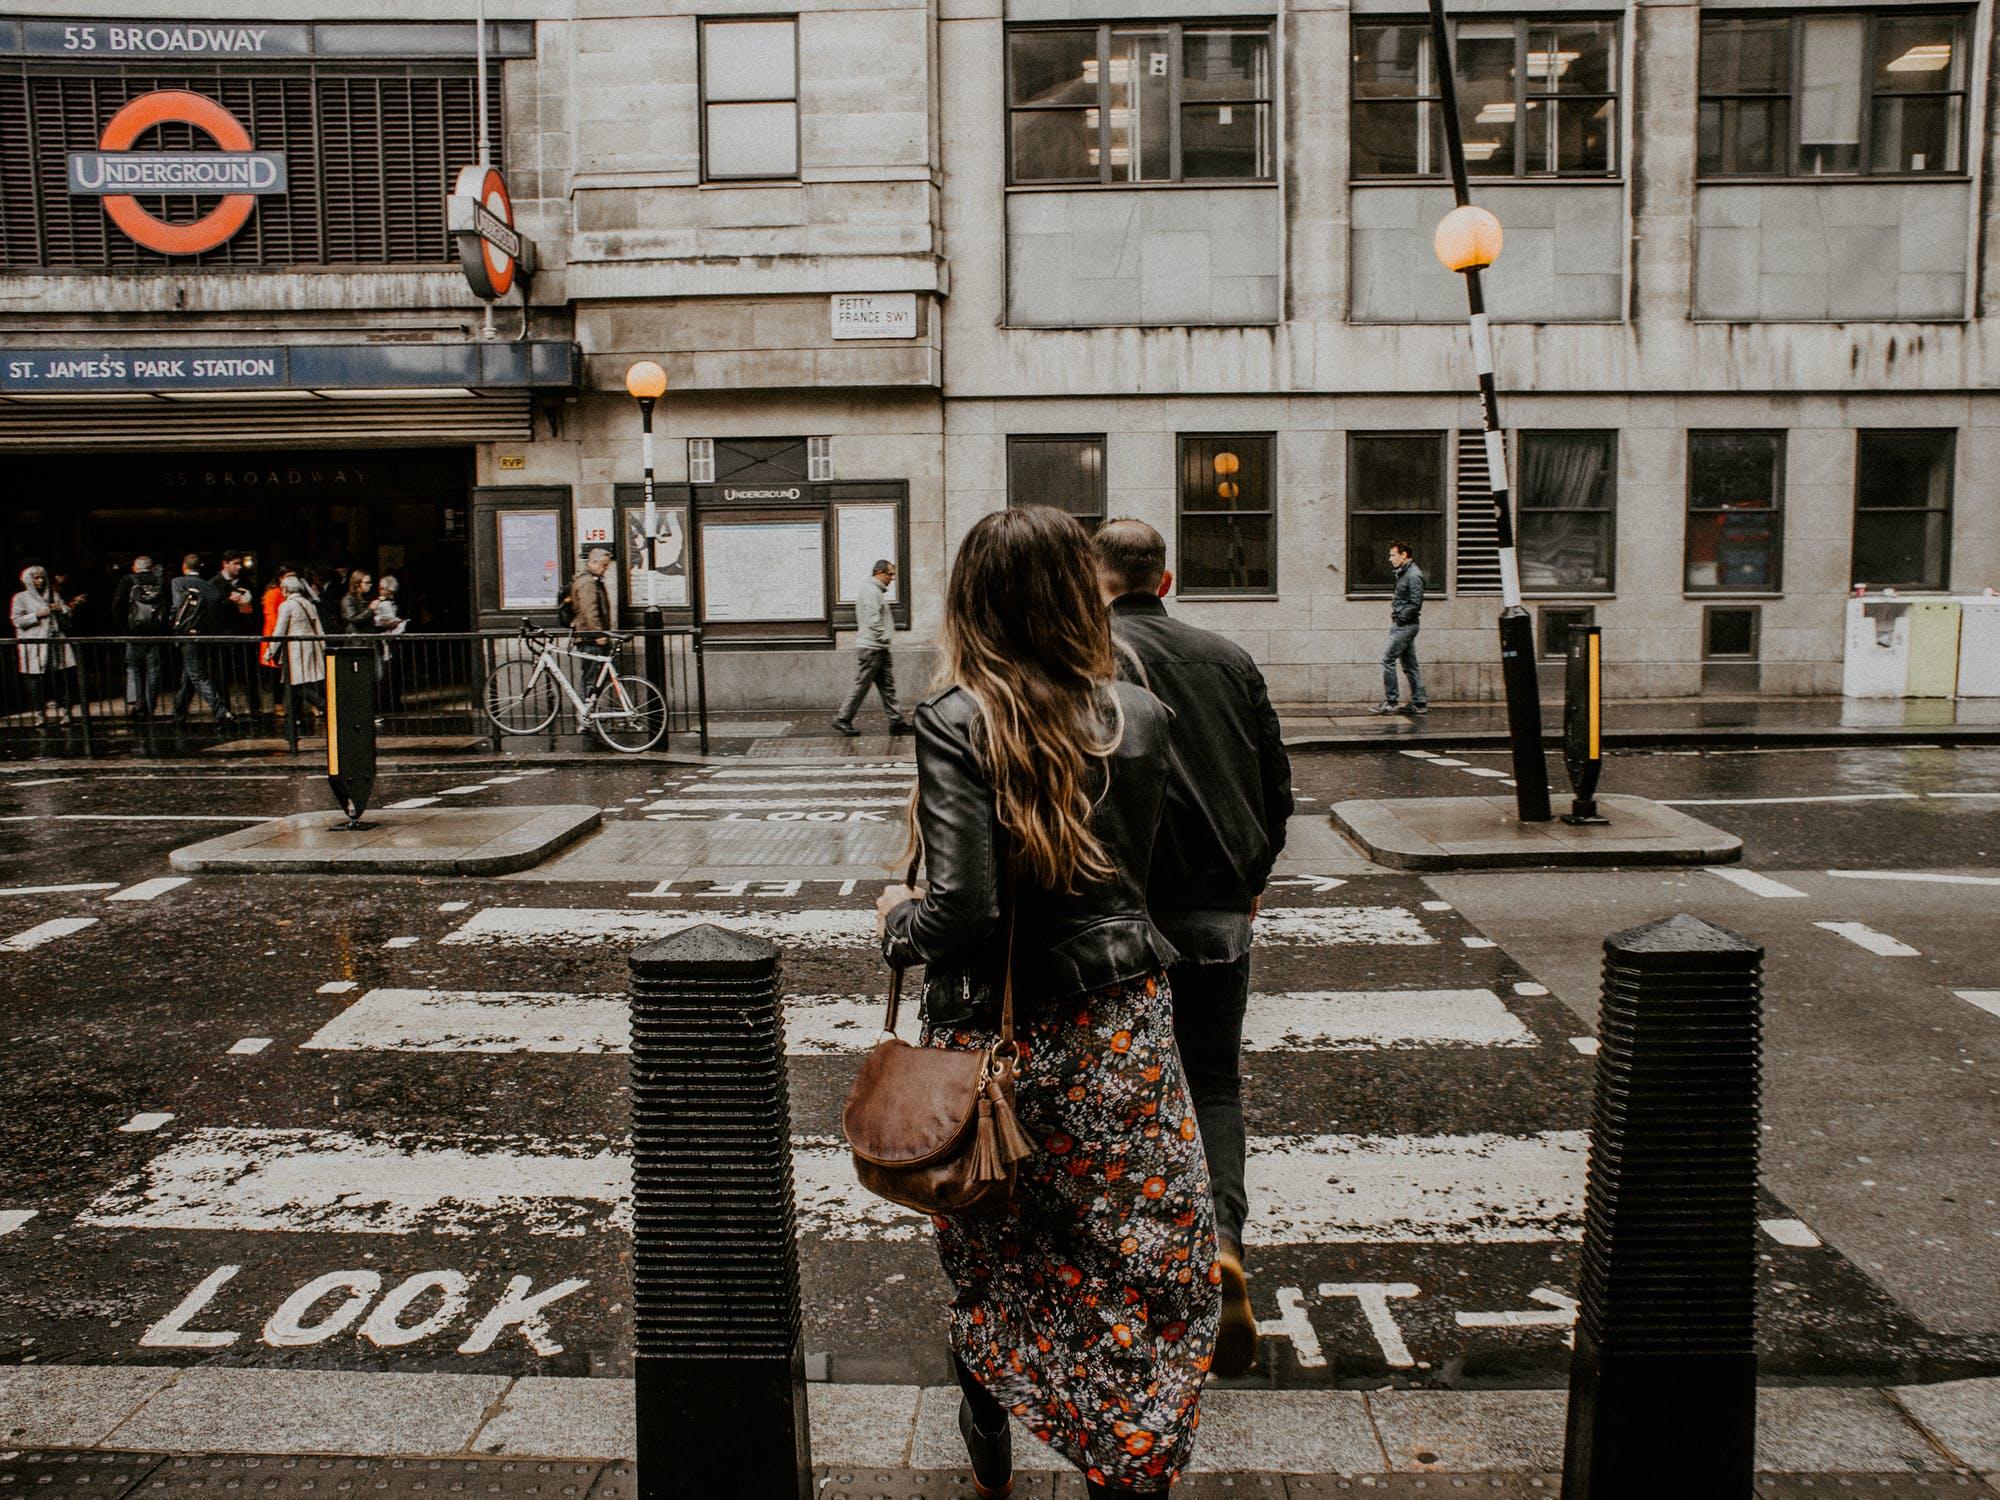 người yêu mưa thích ra ngoài đi dạo sau cơn mưa